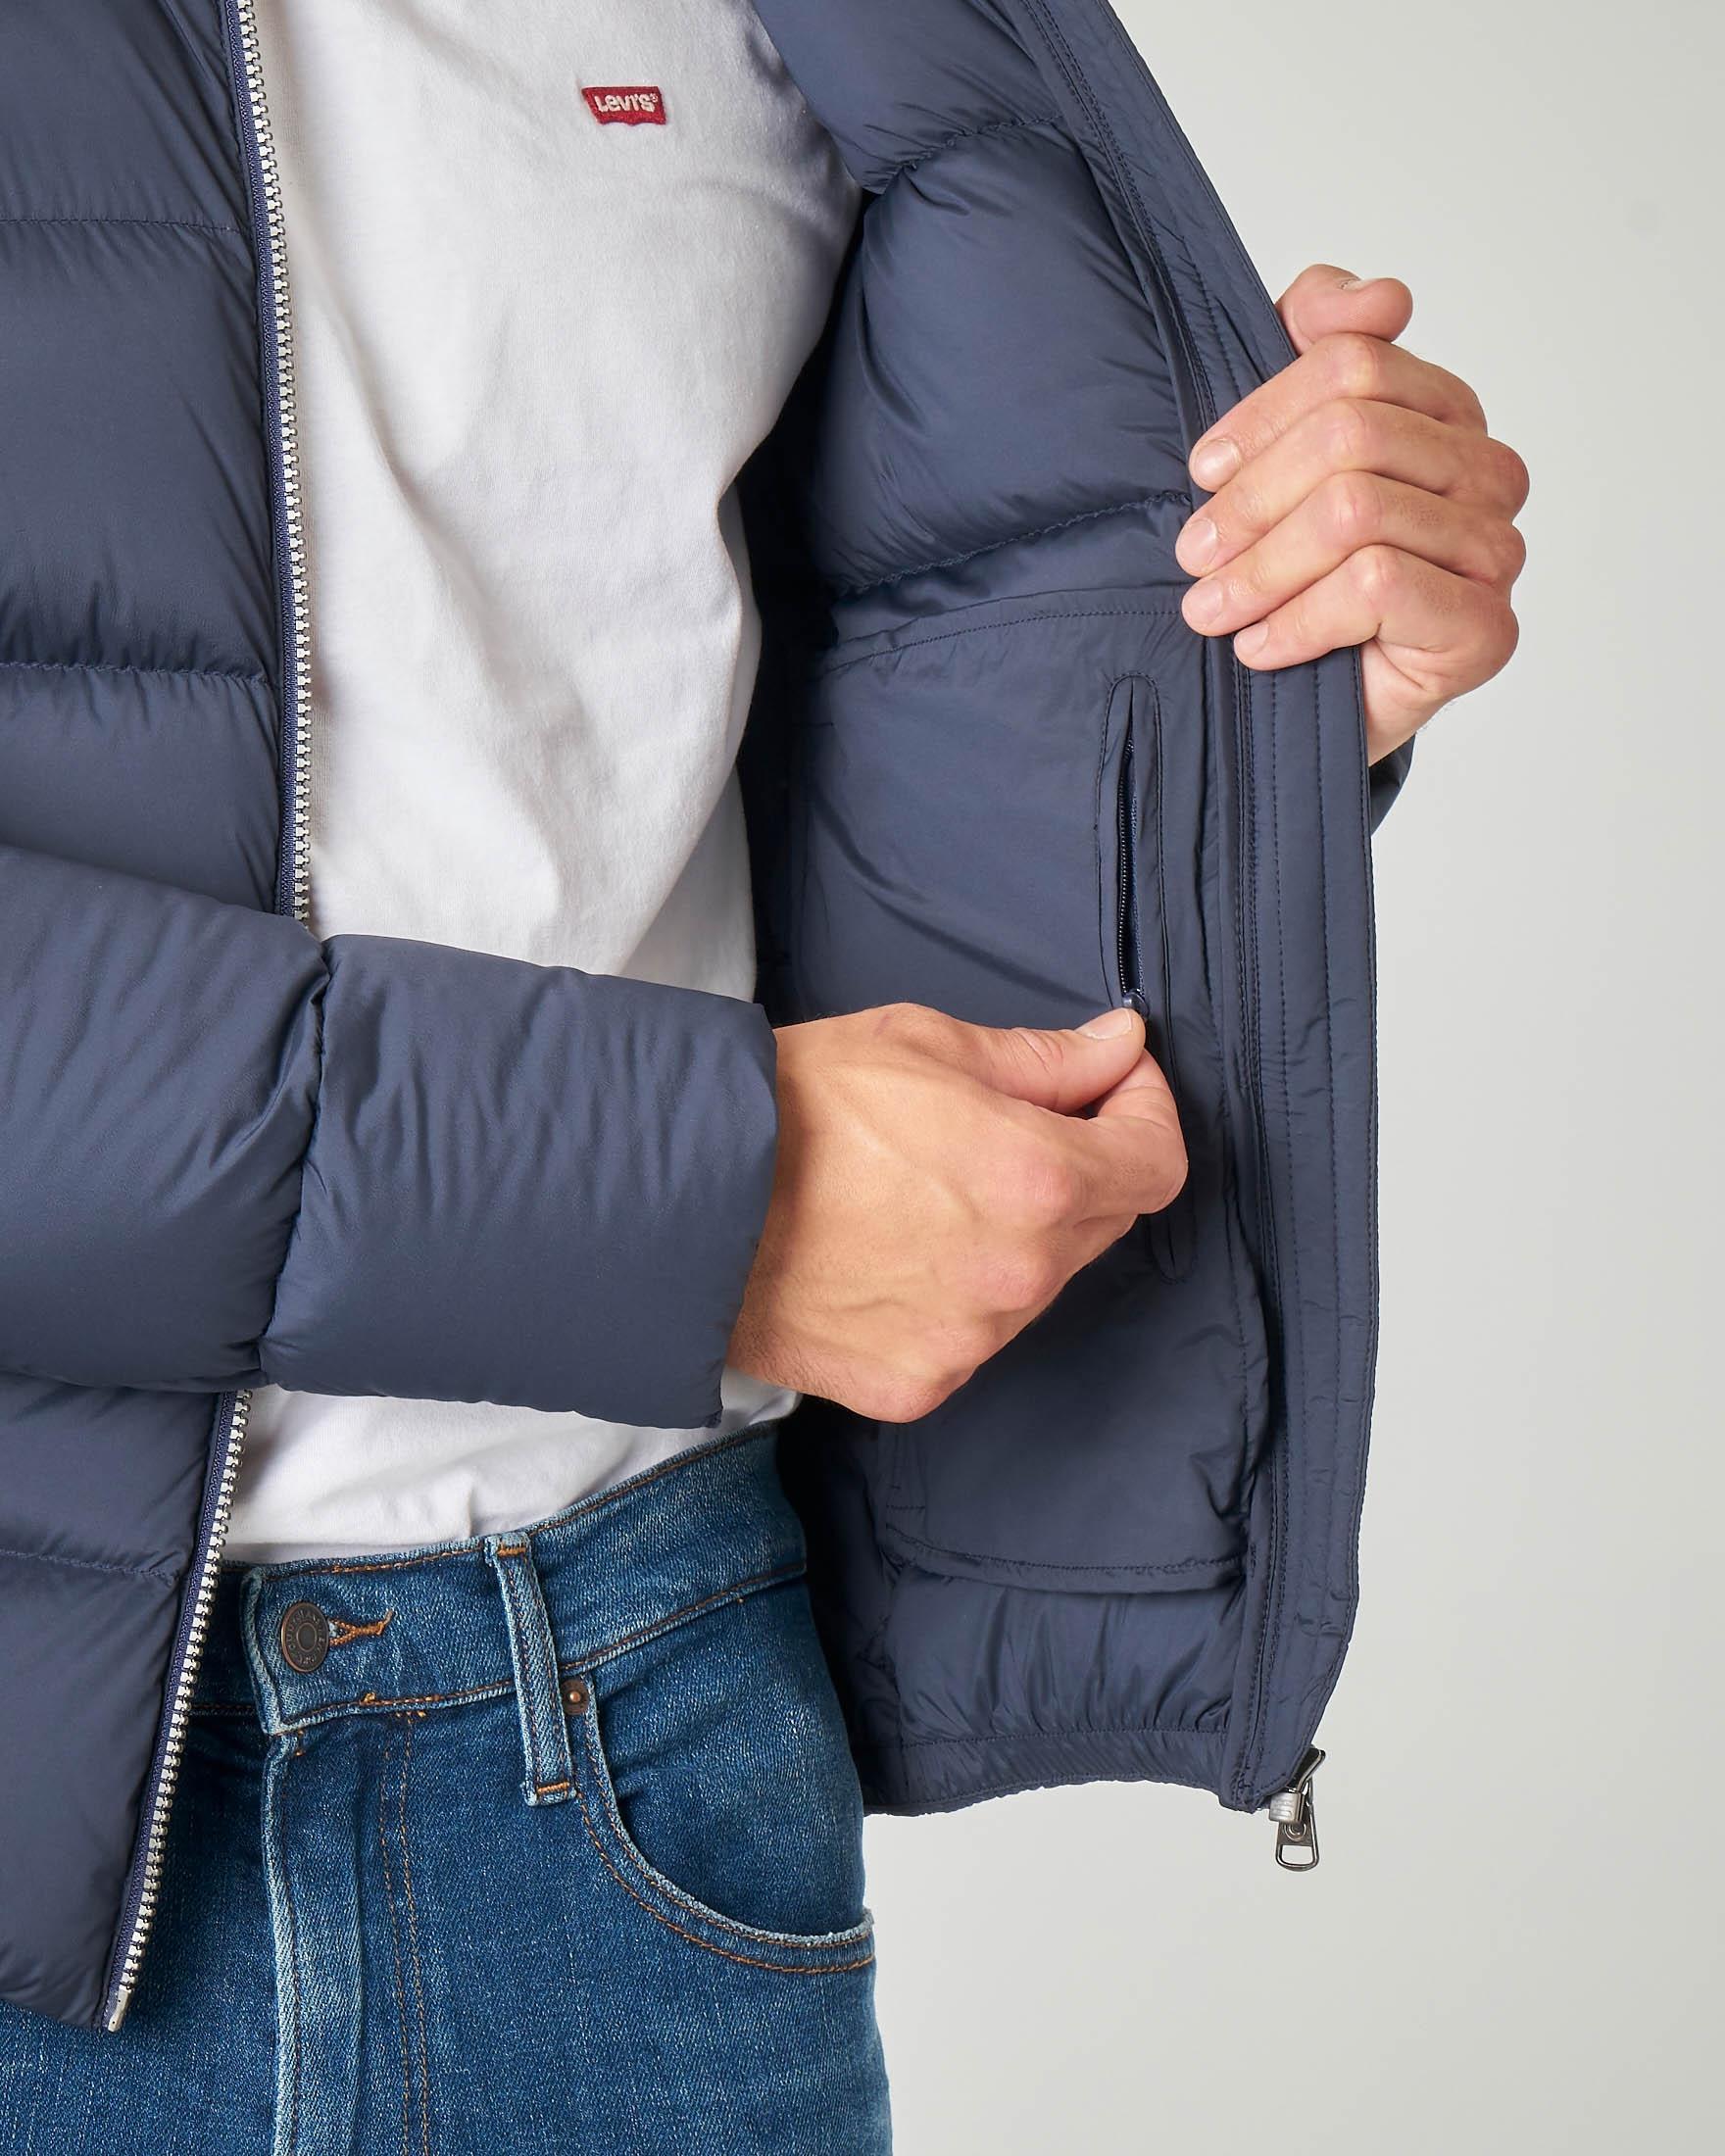 Piumino blu in tessuto stretch opaco con cappuccio fisso | Pellizzari E commerce